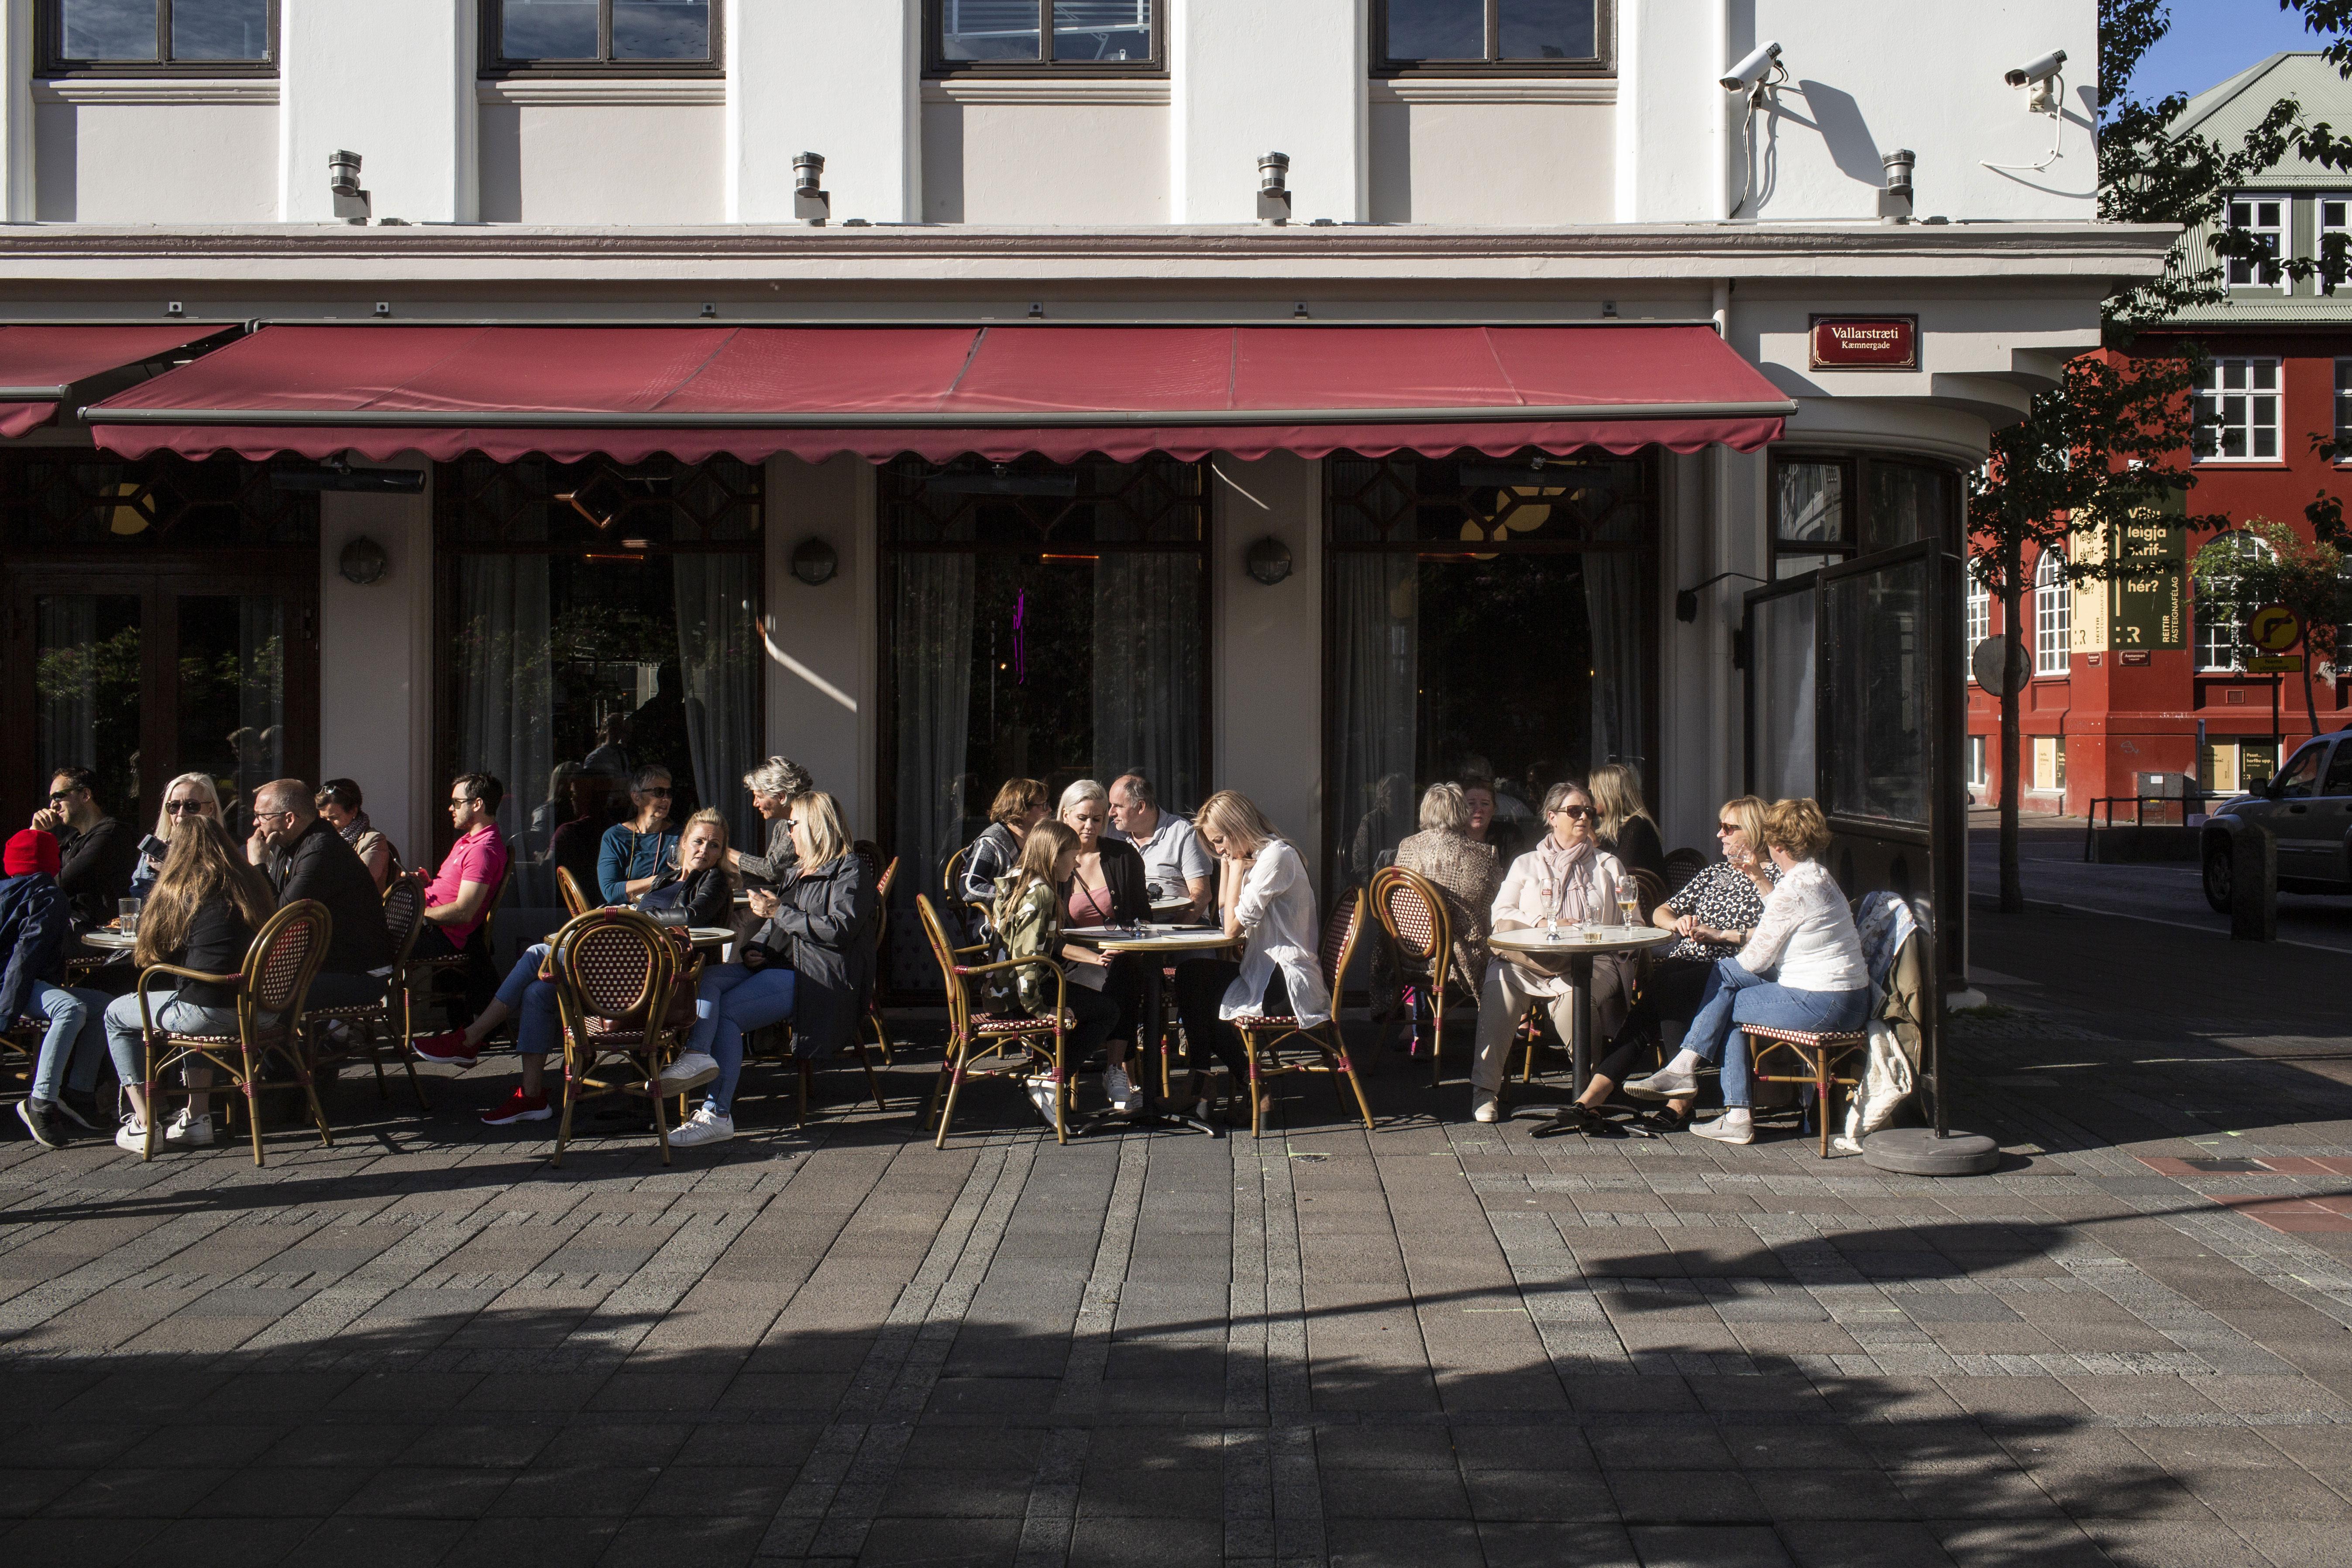 People dine at a restaurant in Reykjavík, Iceland, on July 19.